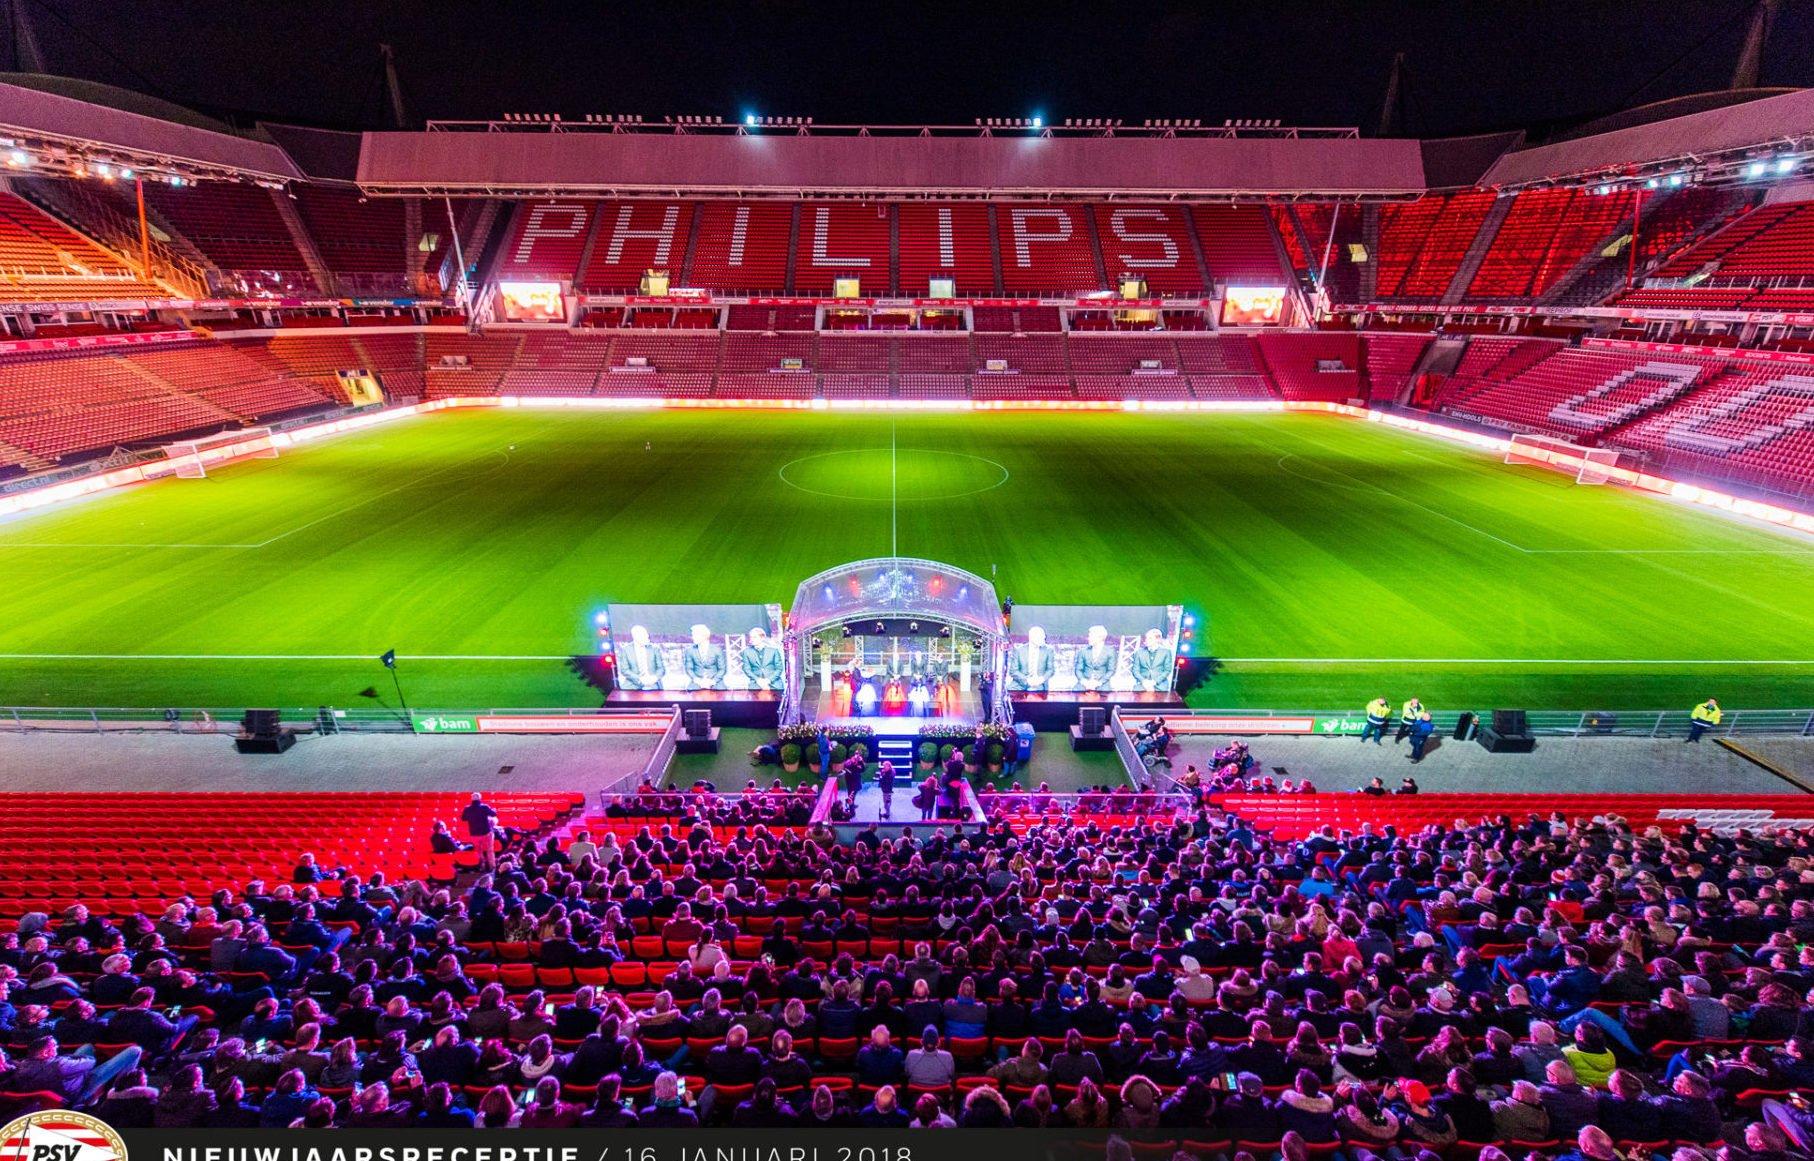 PSV Nieuwjaarsreceptie